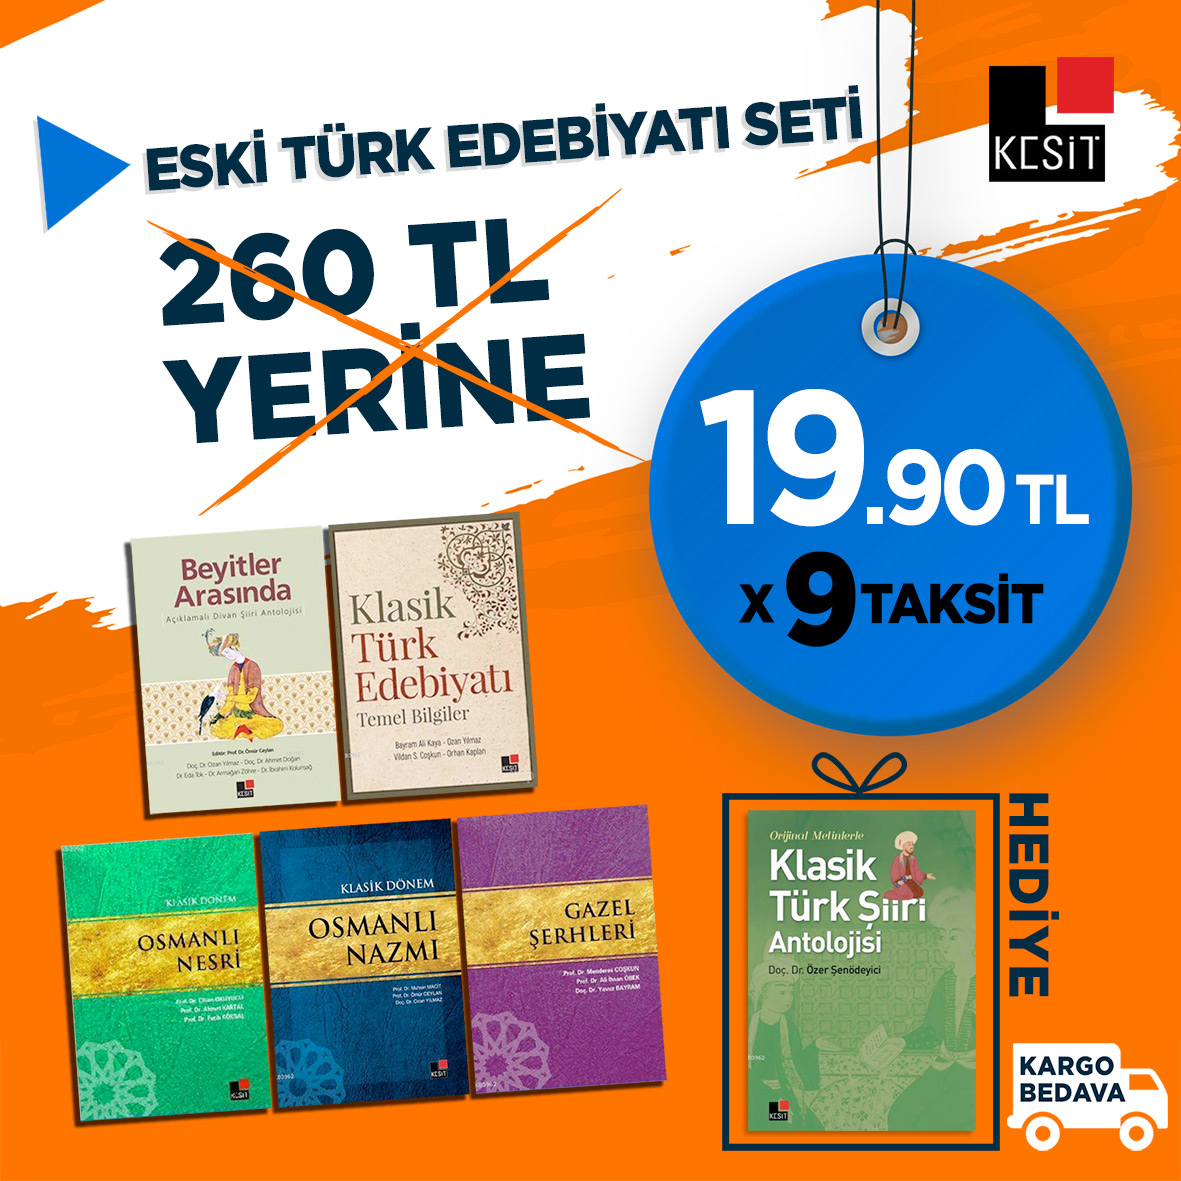 Eski Türk Edebiyatı Seti